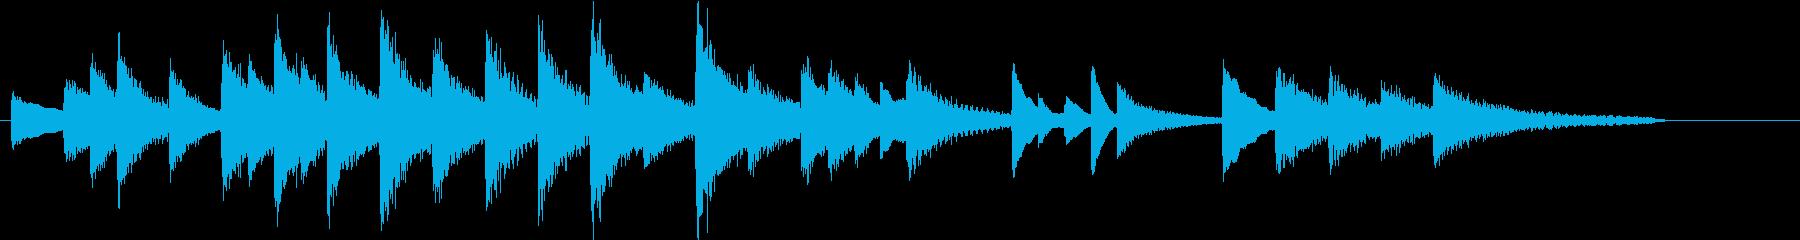 童謡・赤とんぼモチーフのピアノジングルBの再生済みの波形